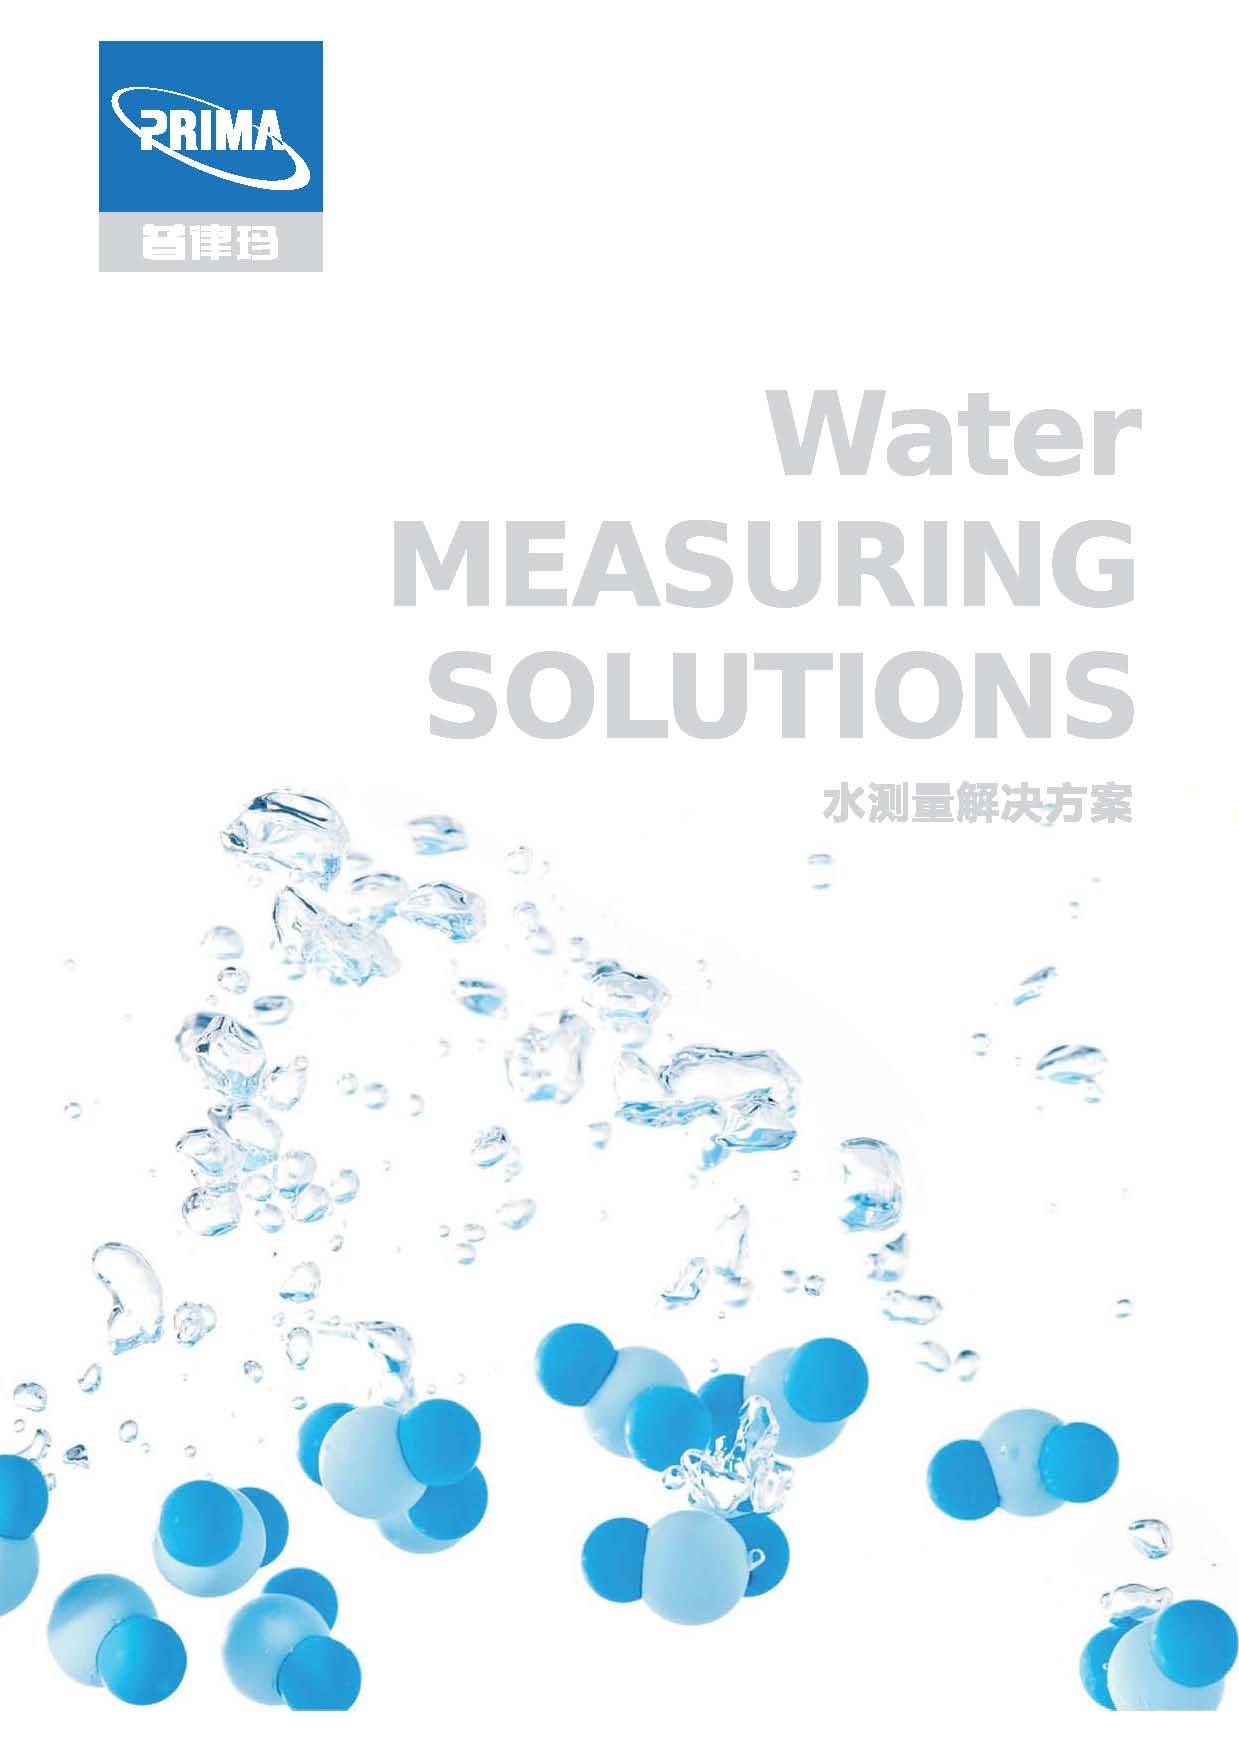 2016英国PRIMA水质仪器综合目录